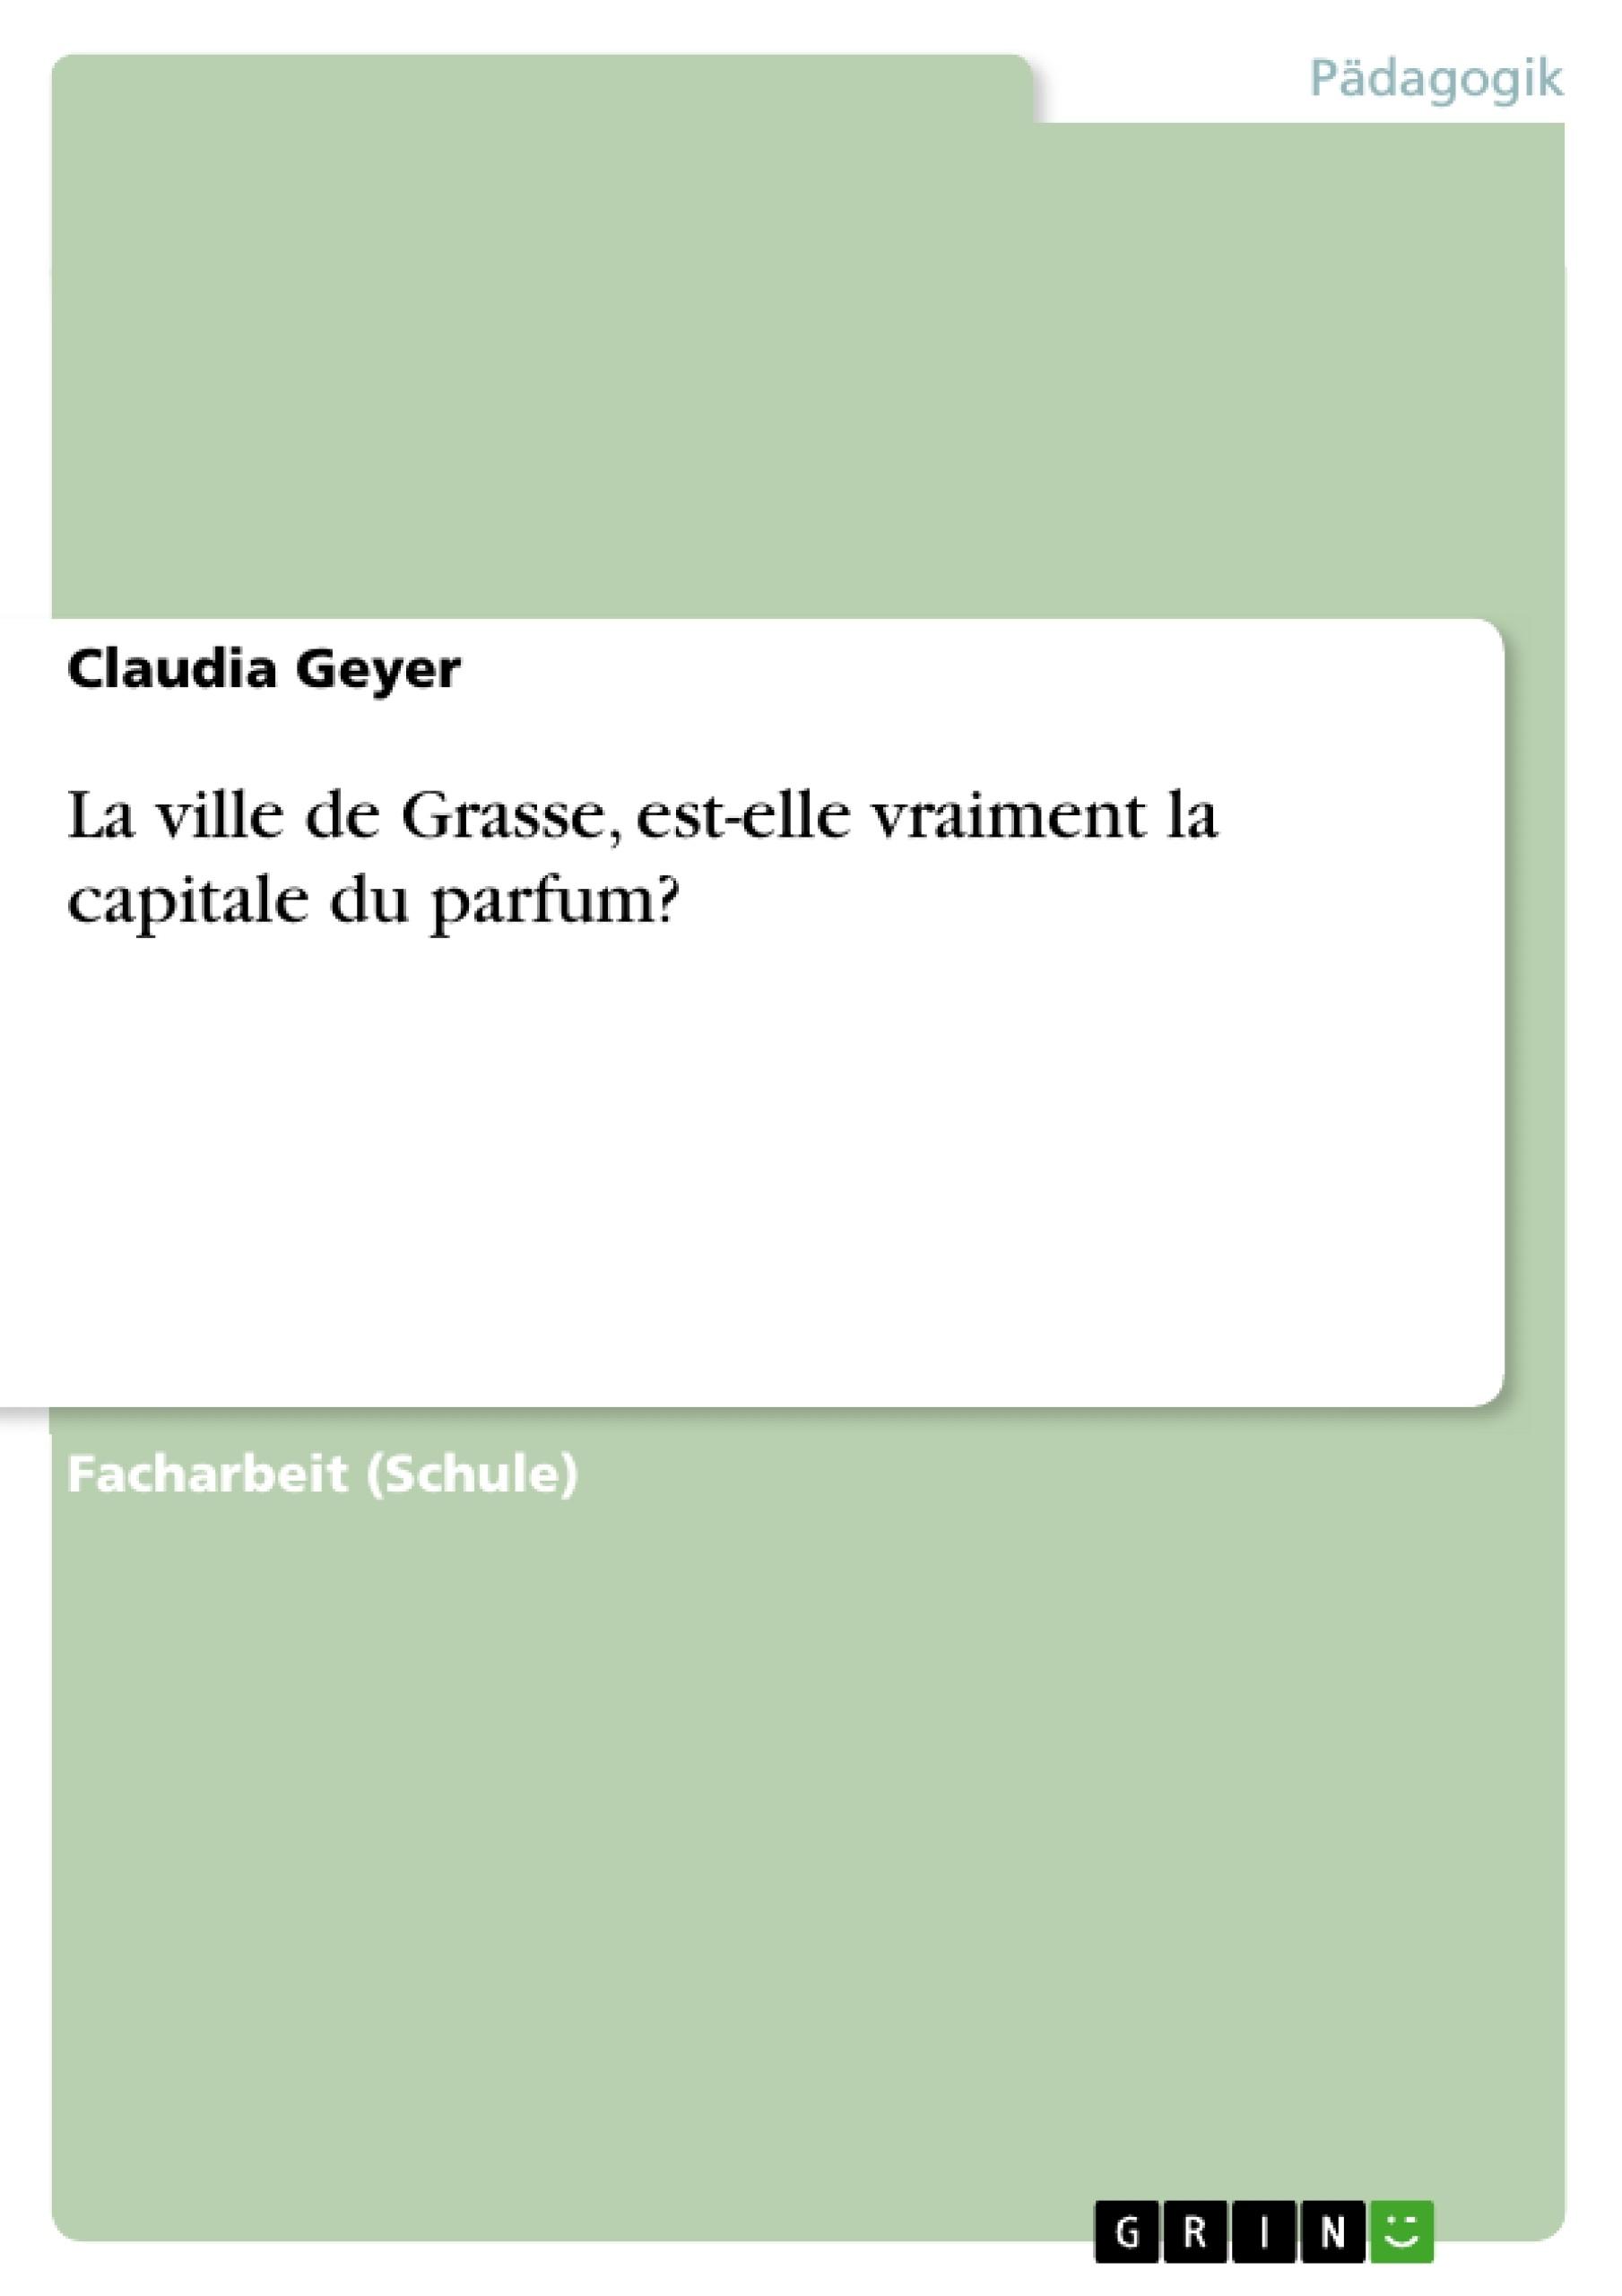 Titel: La ville de Grasse, est-elle vraiment la capitale du parfum?